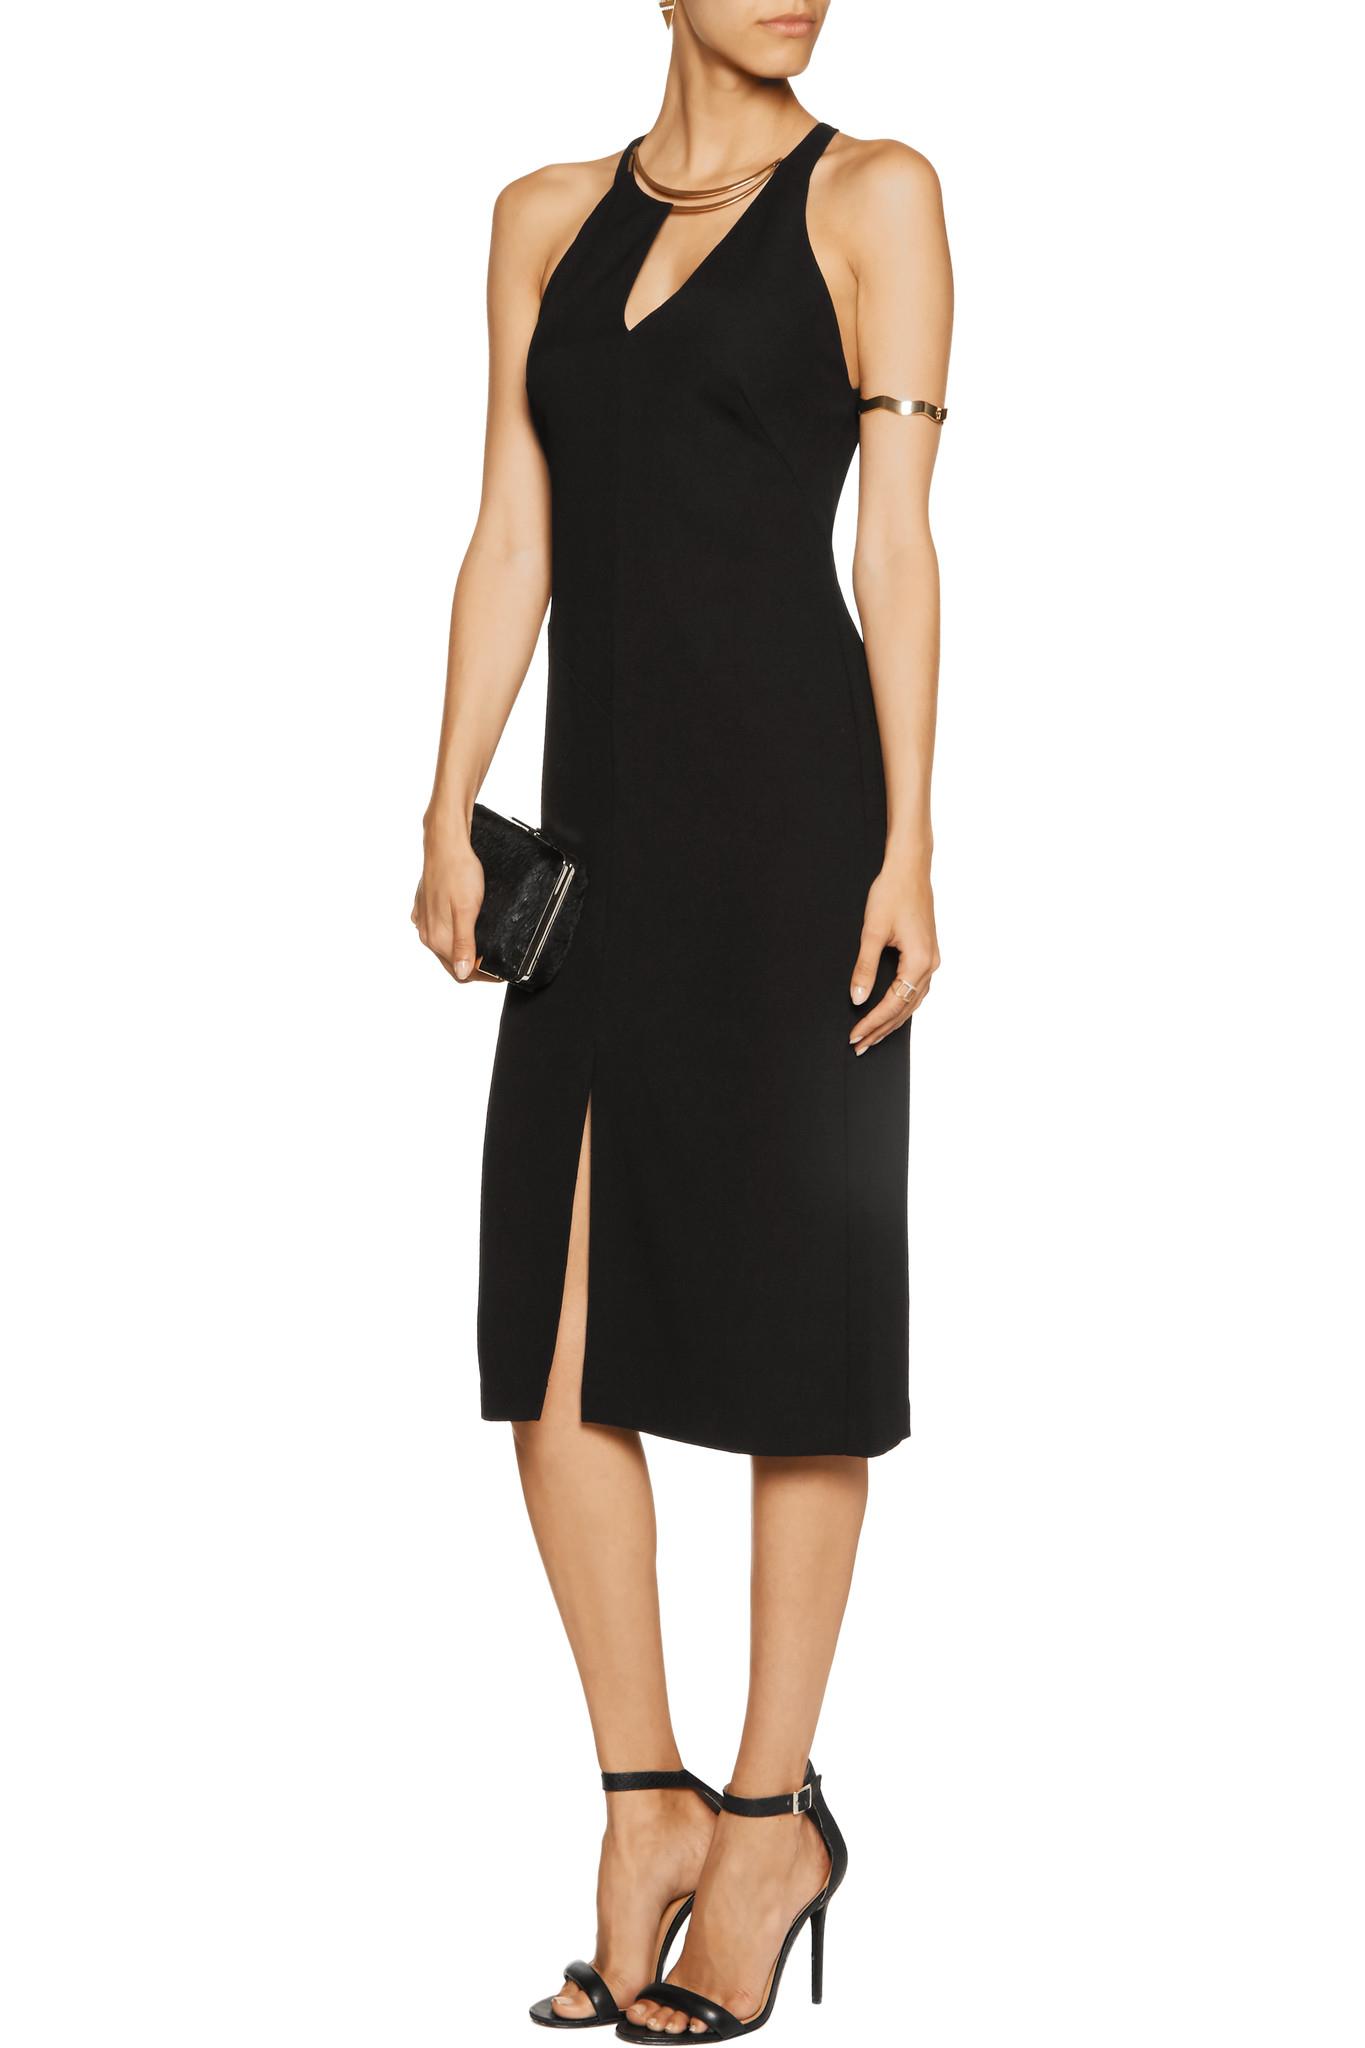 New Deal Alert: Halston Heritage Gown - people.com